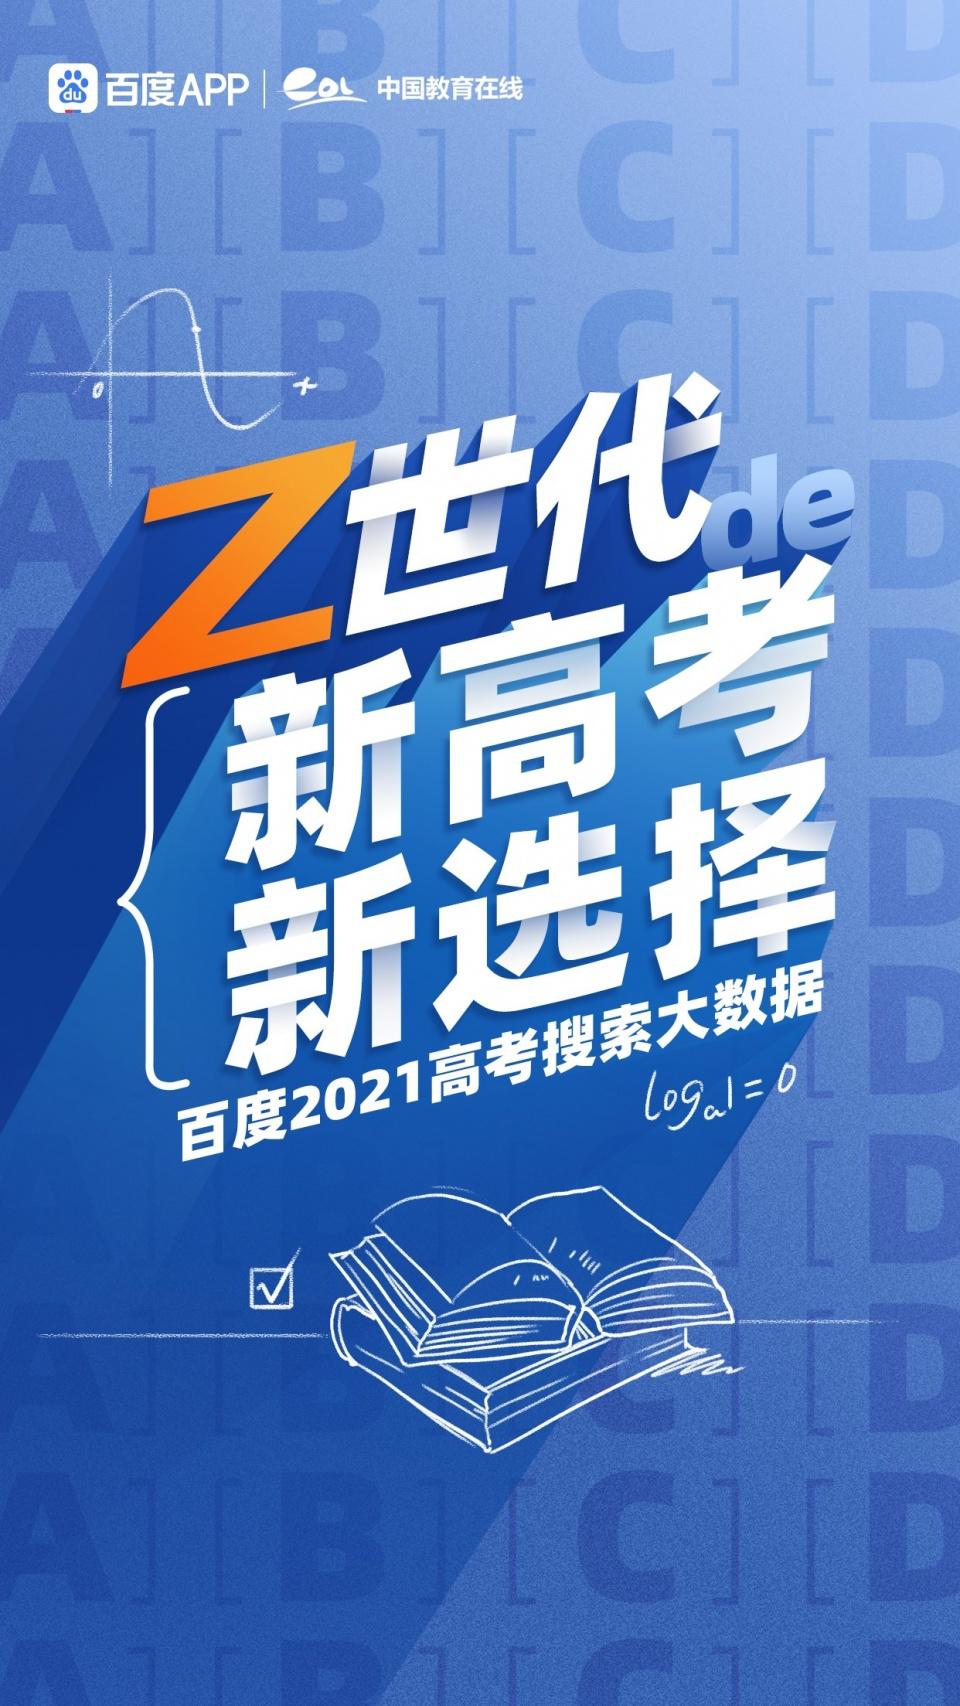 百度发布2021高考十大热搜专业,人工智能蝉联第一